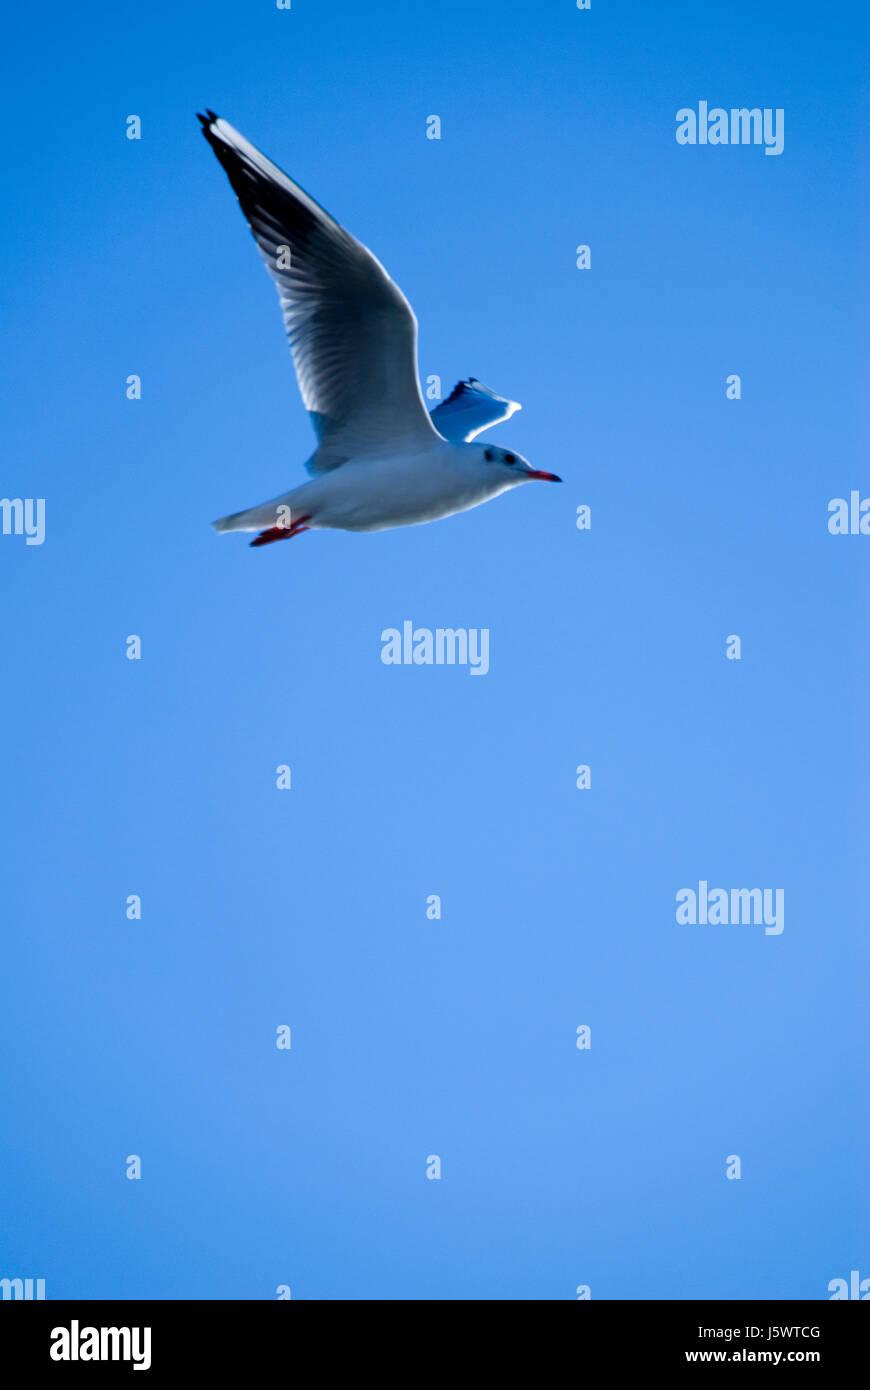 blue flight bird birds